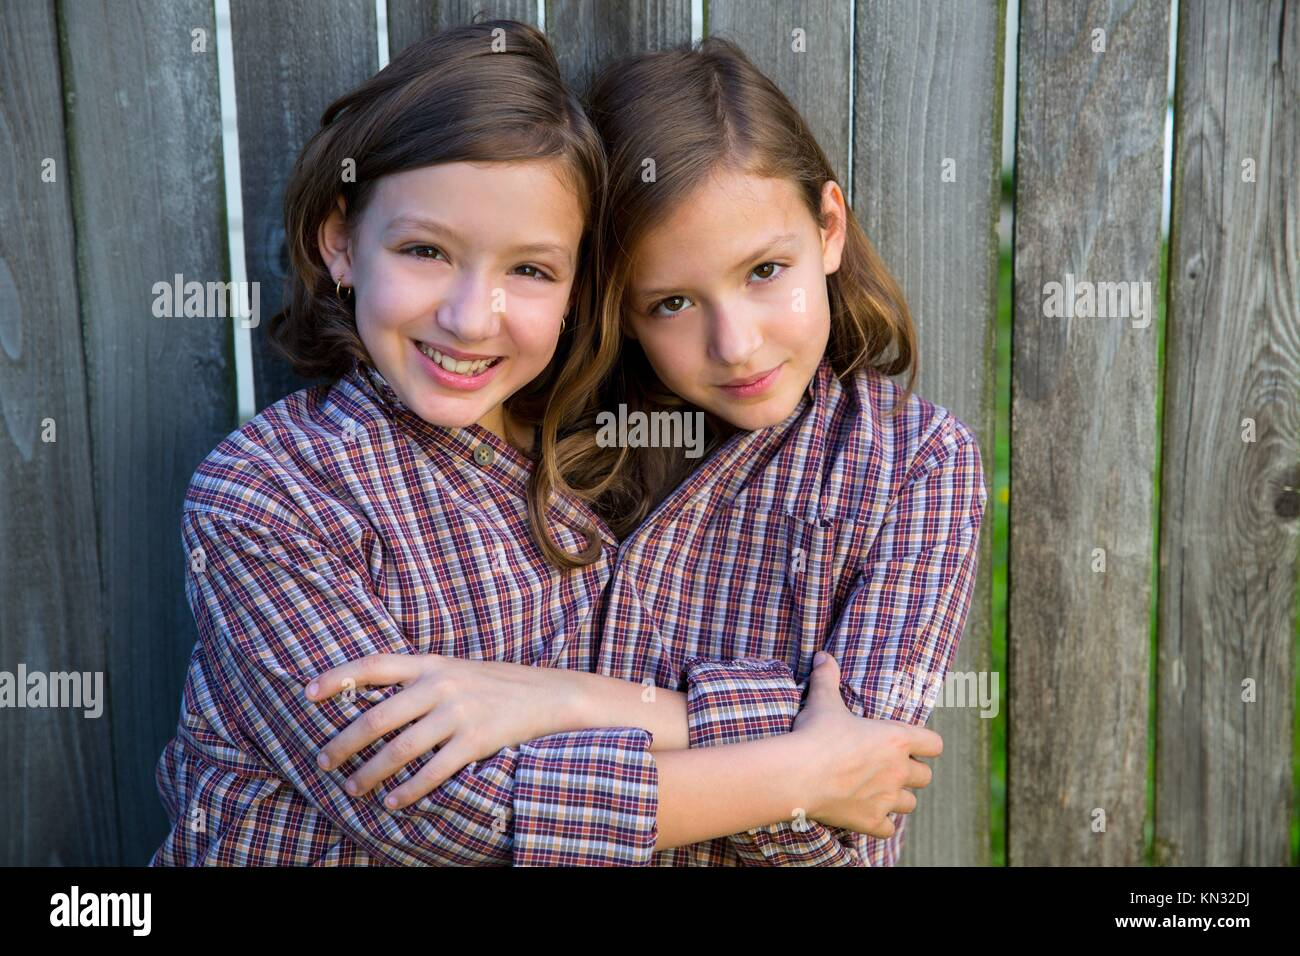 Jumelles plaqués habillé en prétendant être avec son père siamois chemise. Photo Stock